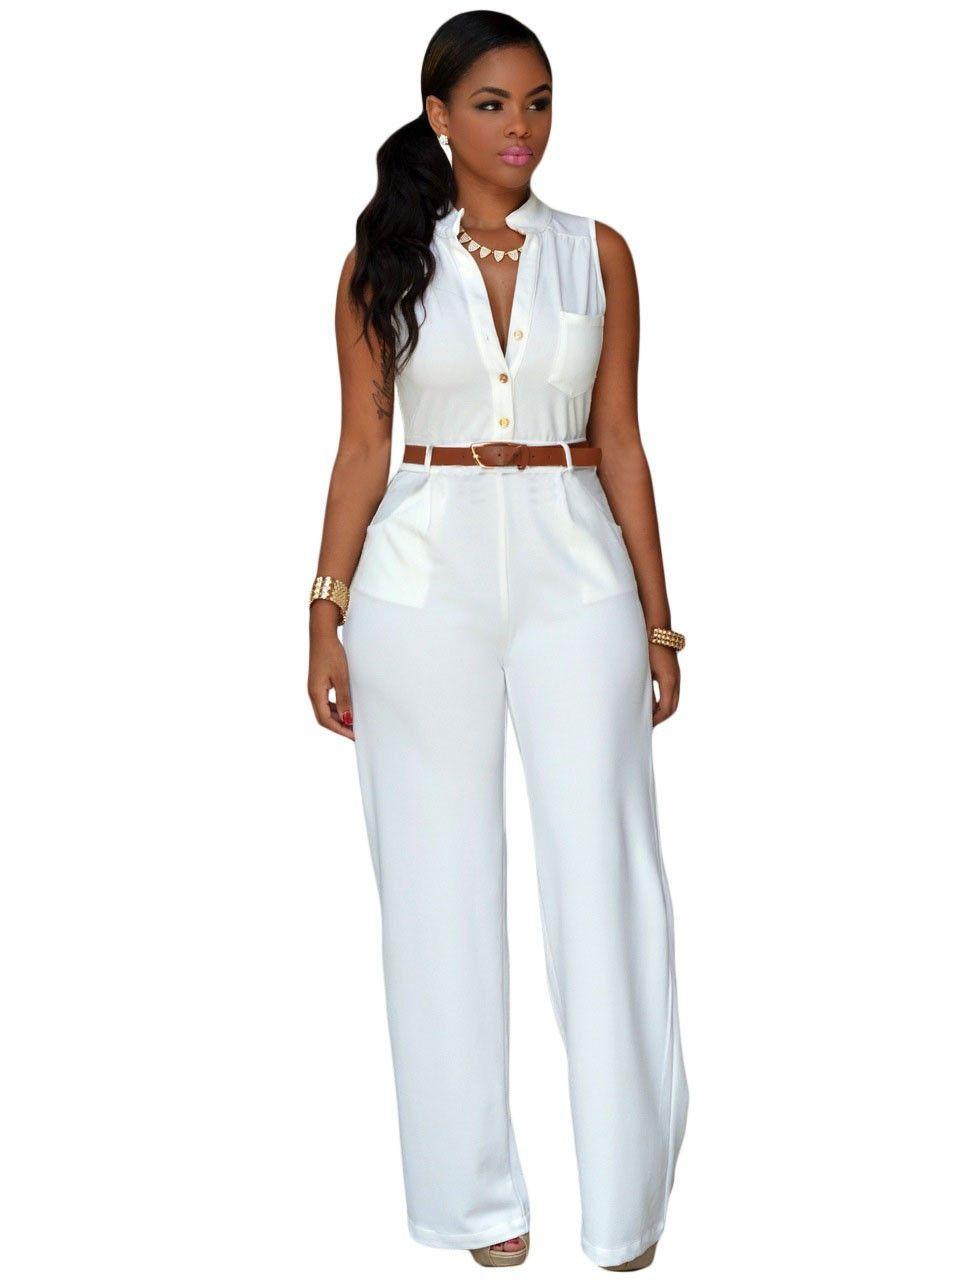 Hadleigh Elegant Long Pants Jumpsuit Clothes N Shoes Jumpsuit